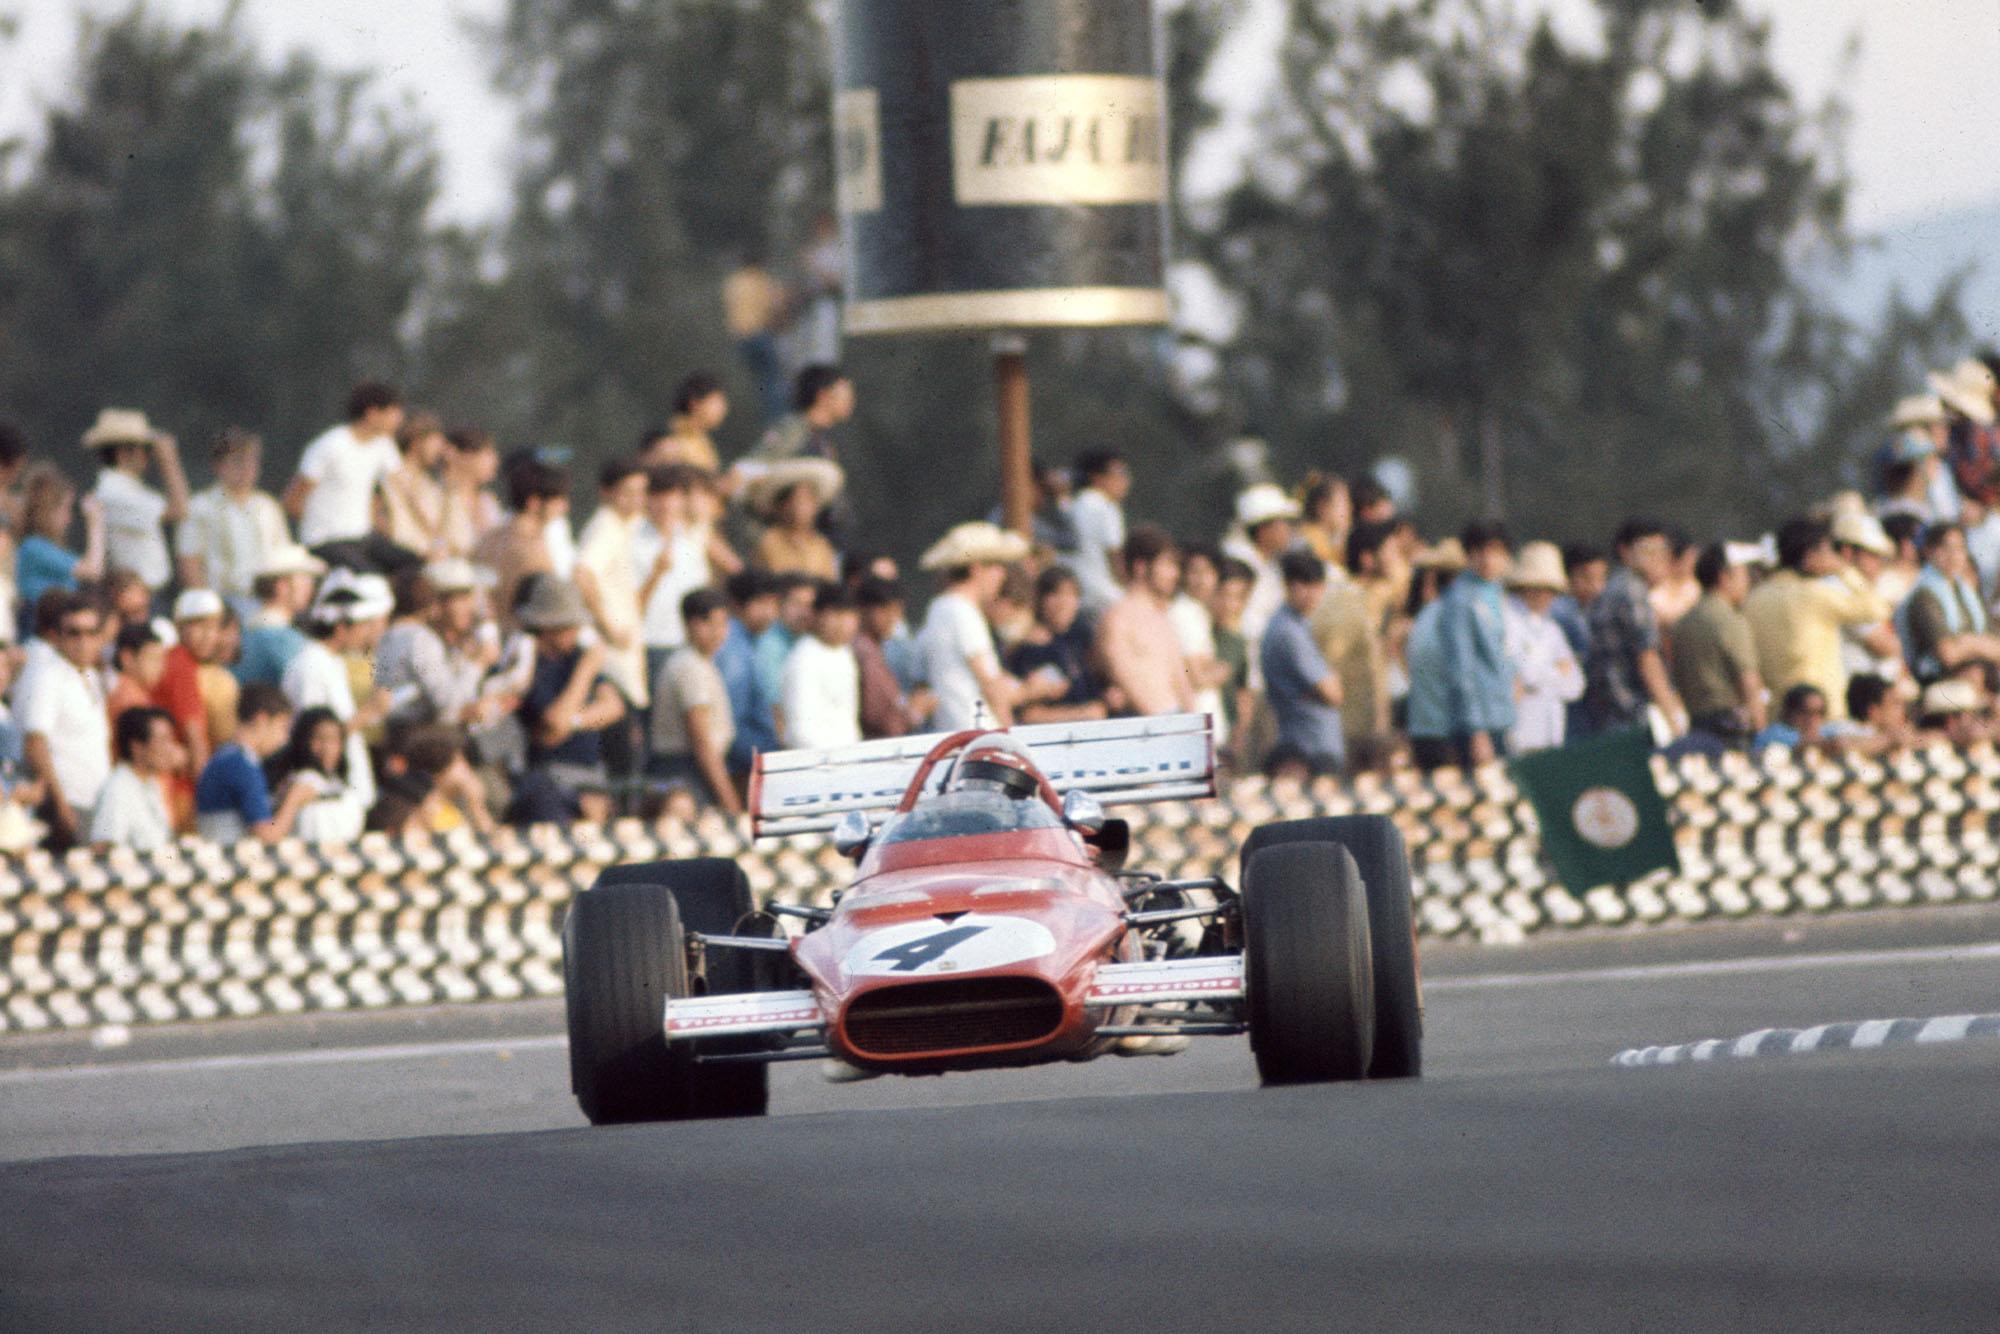 Clay Regazzoni driving for Ferrari at the 1970 Mexican Grand Prix.